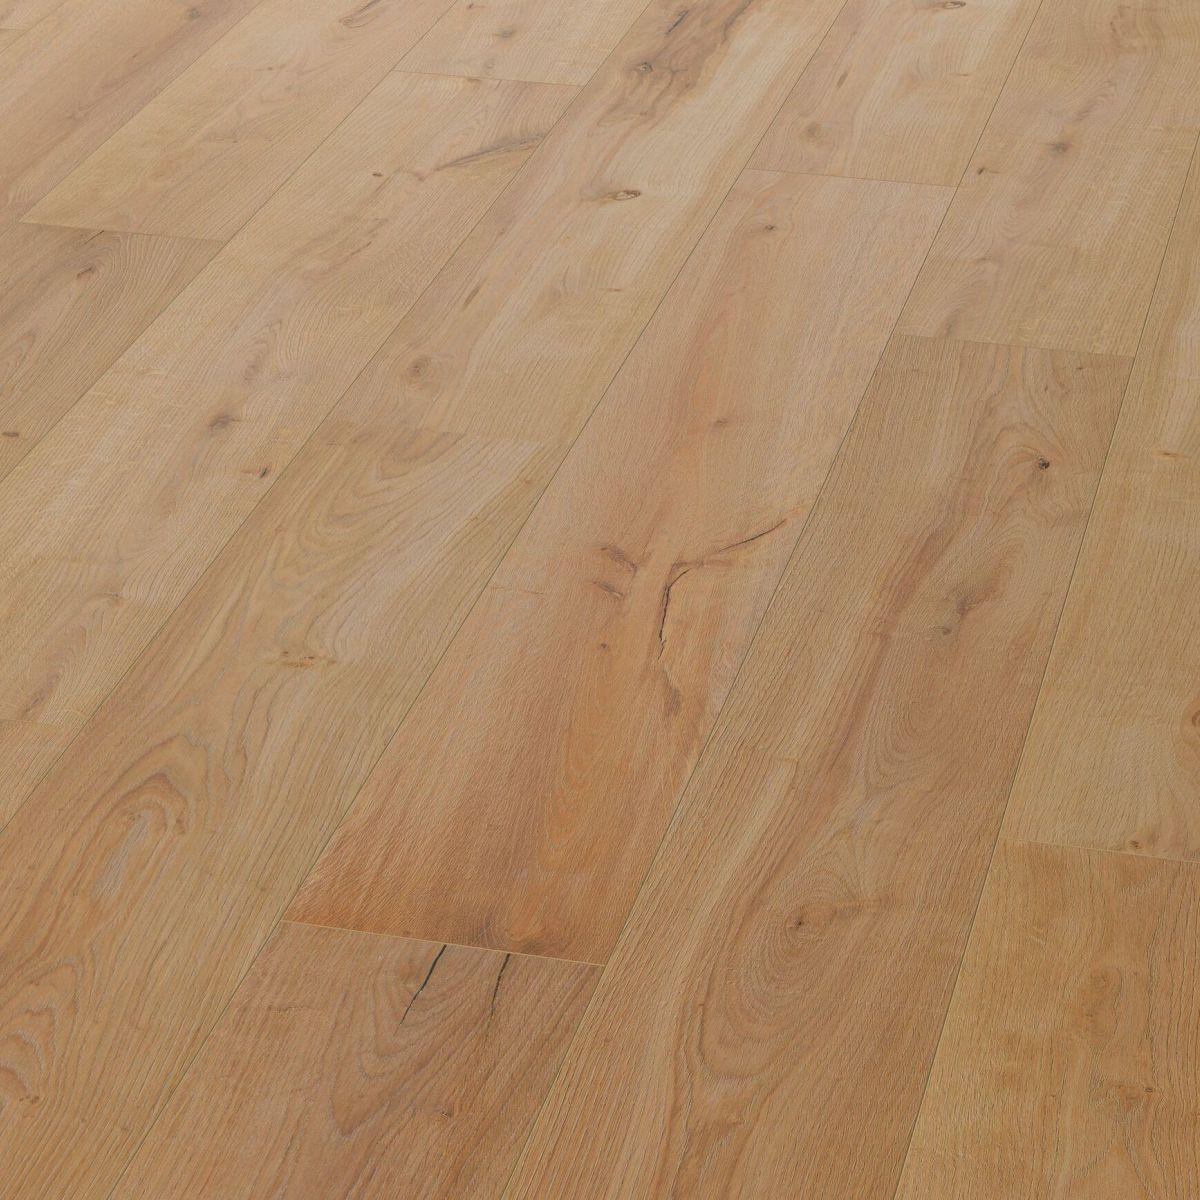 Avatara vloer hout N02 diagonaal